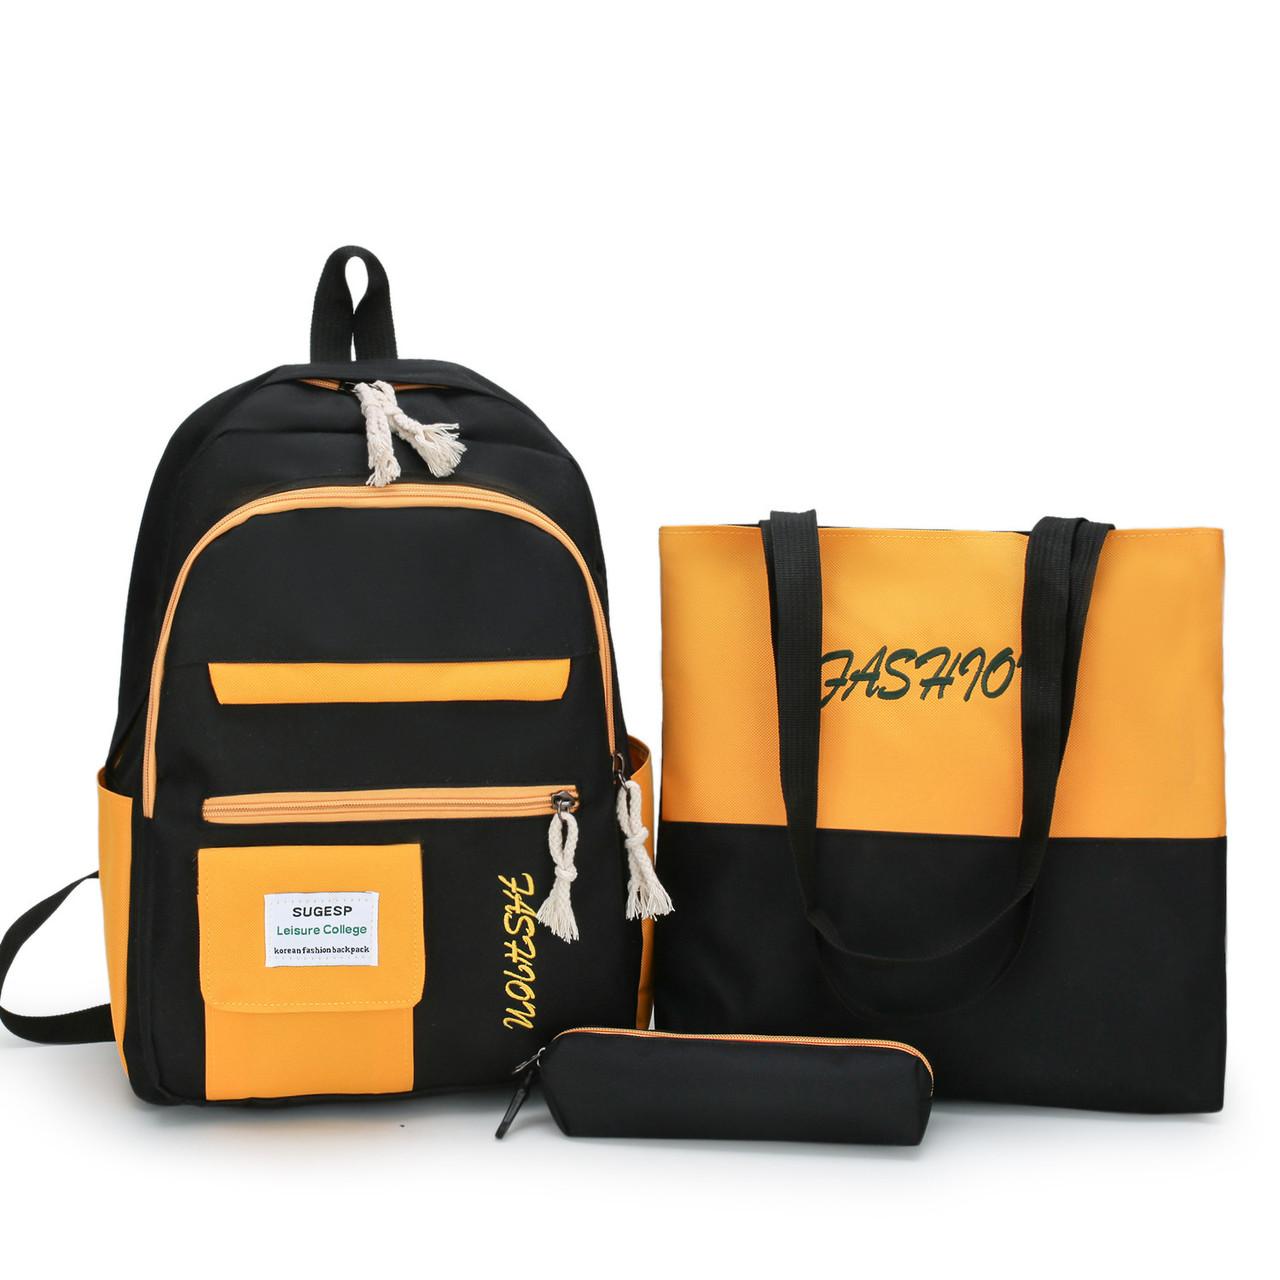 (3в1-как на фото)Рюкзак девушка 4в1 ткань Оксфорд сделанный в Китай спортивный городской стильный опт